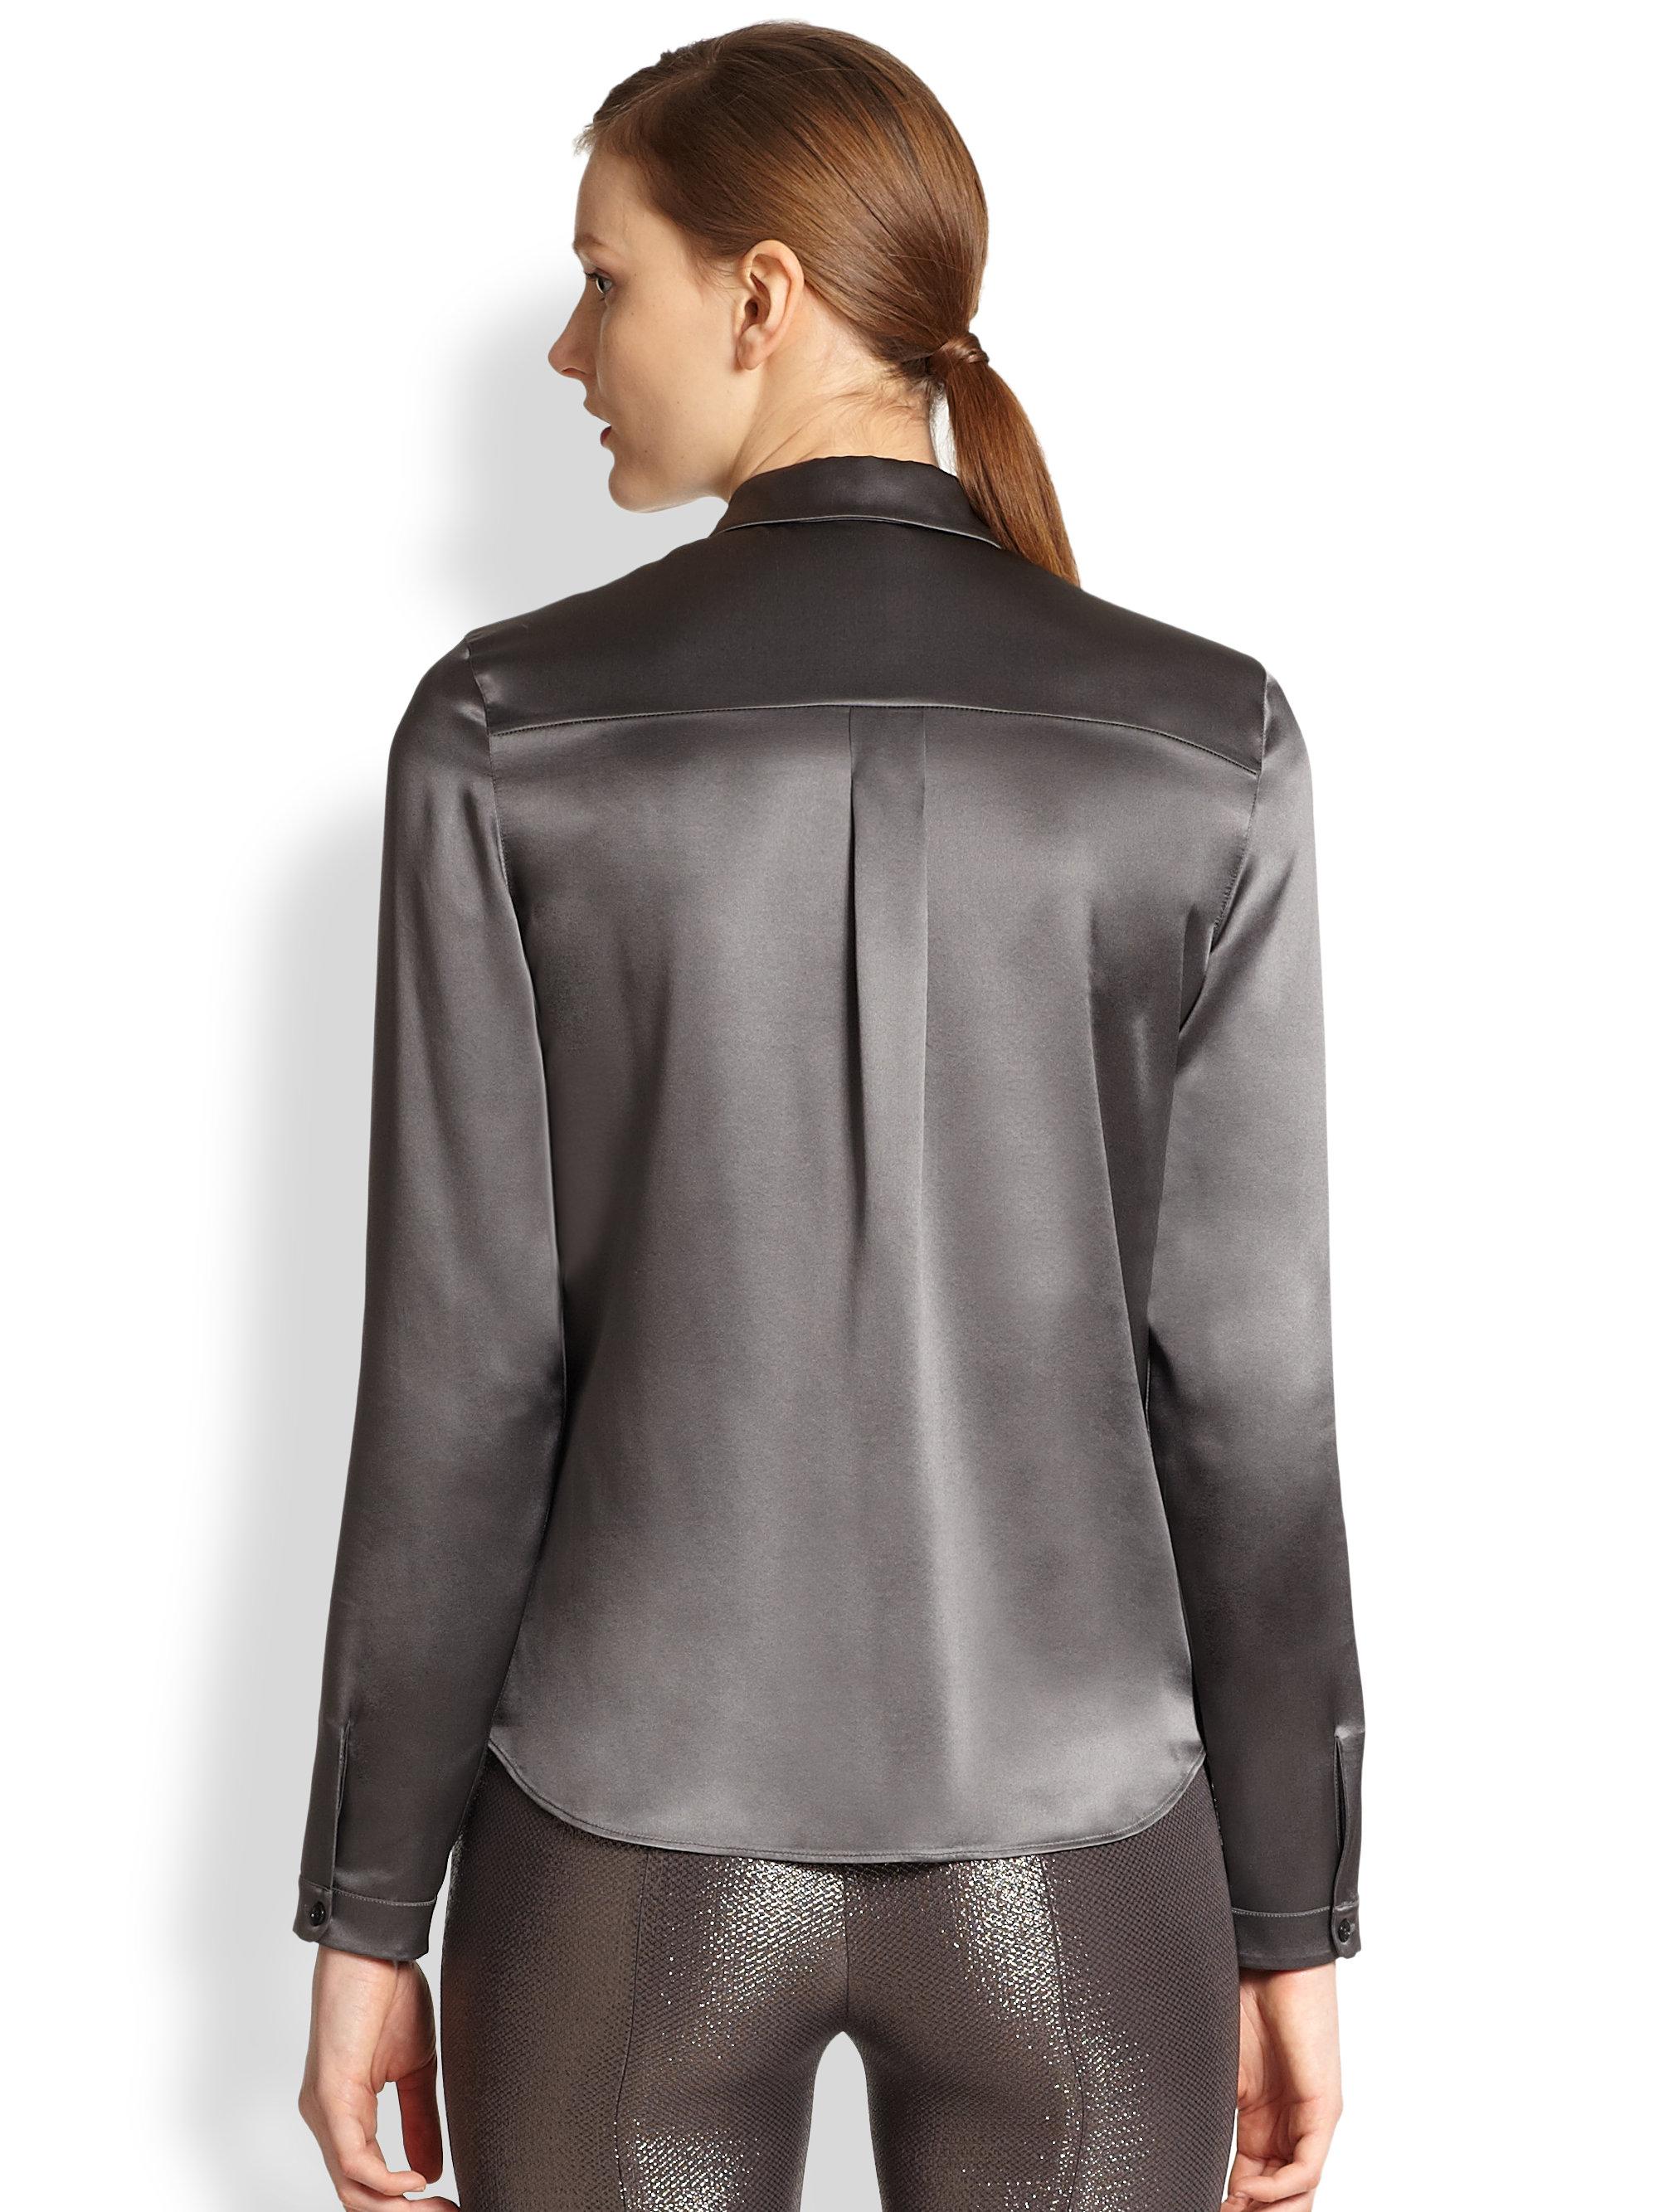 Grey satin blouse silk panties and satin skirt - 83 part 1